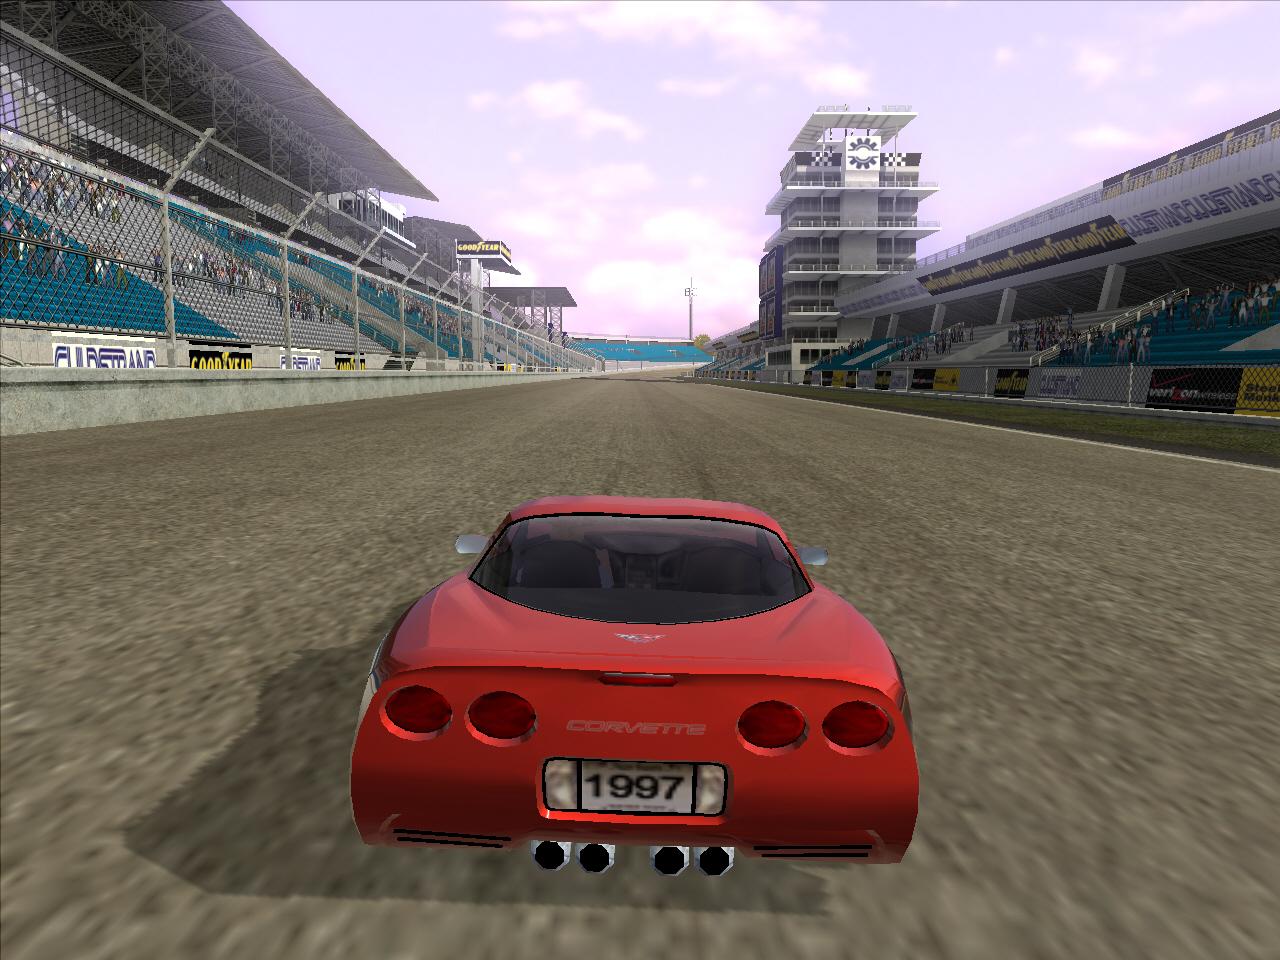 corvette_2003_01